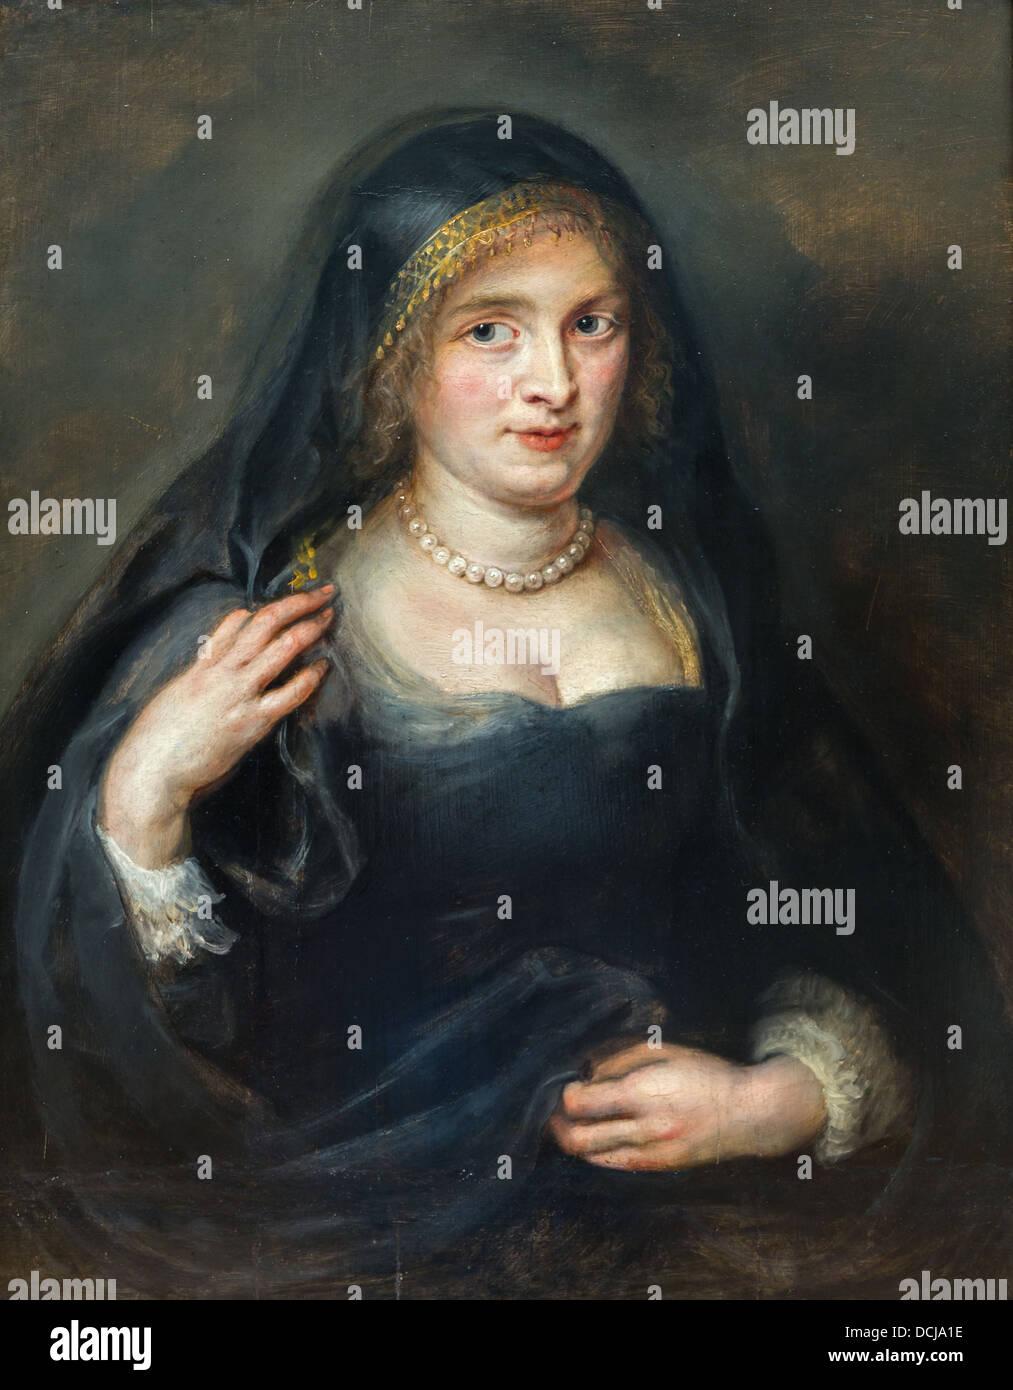 17 Jahrhundert Bild Architektur: Porträt Einer Frau, Vermutlich Susanna